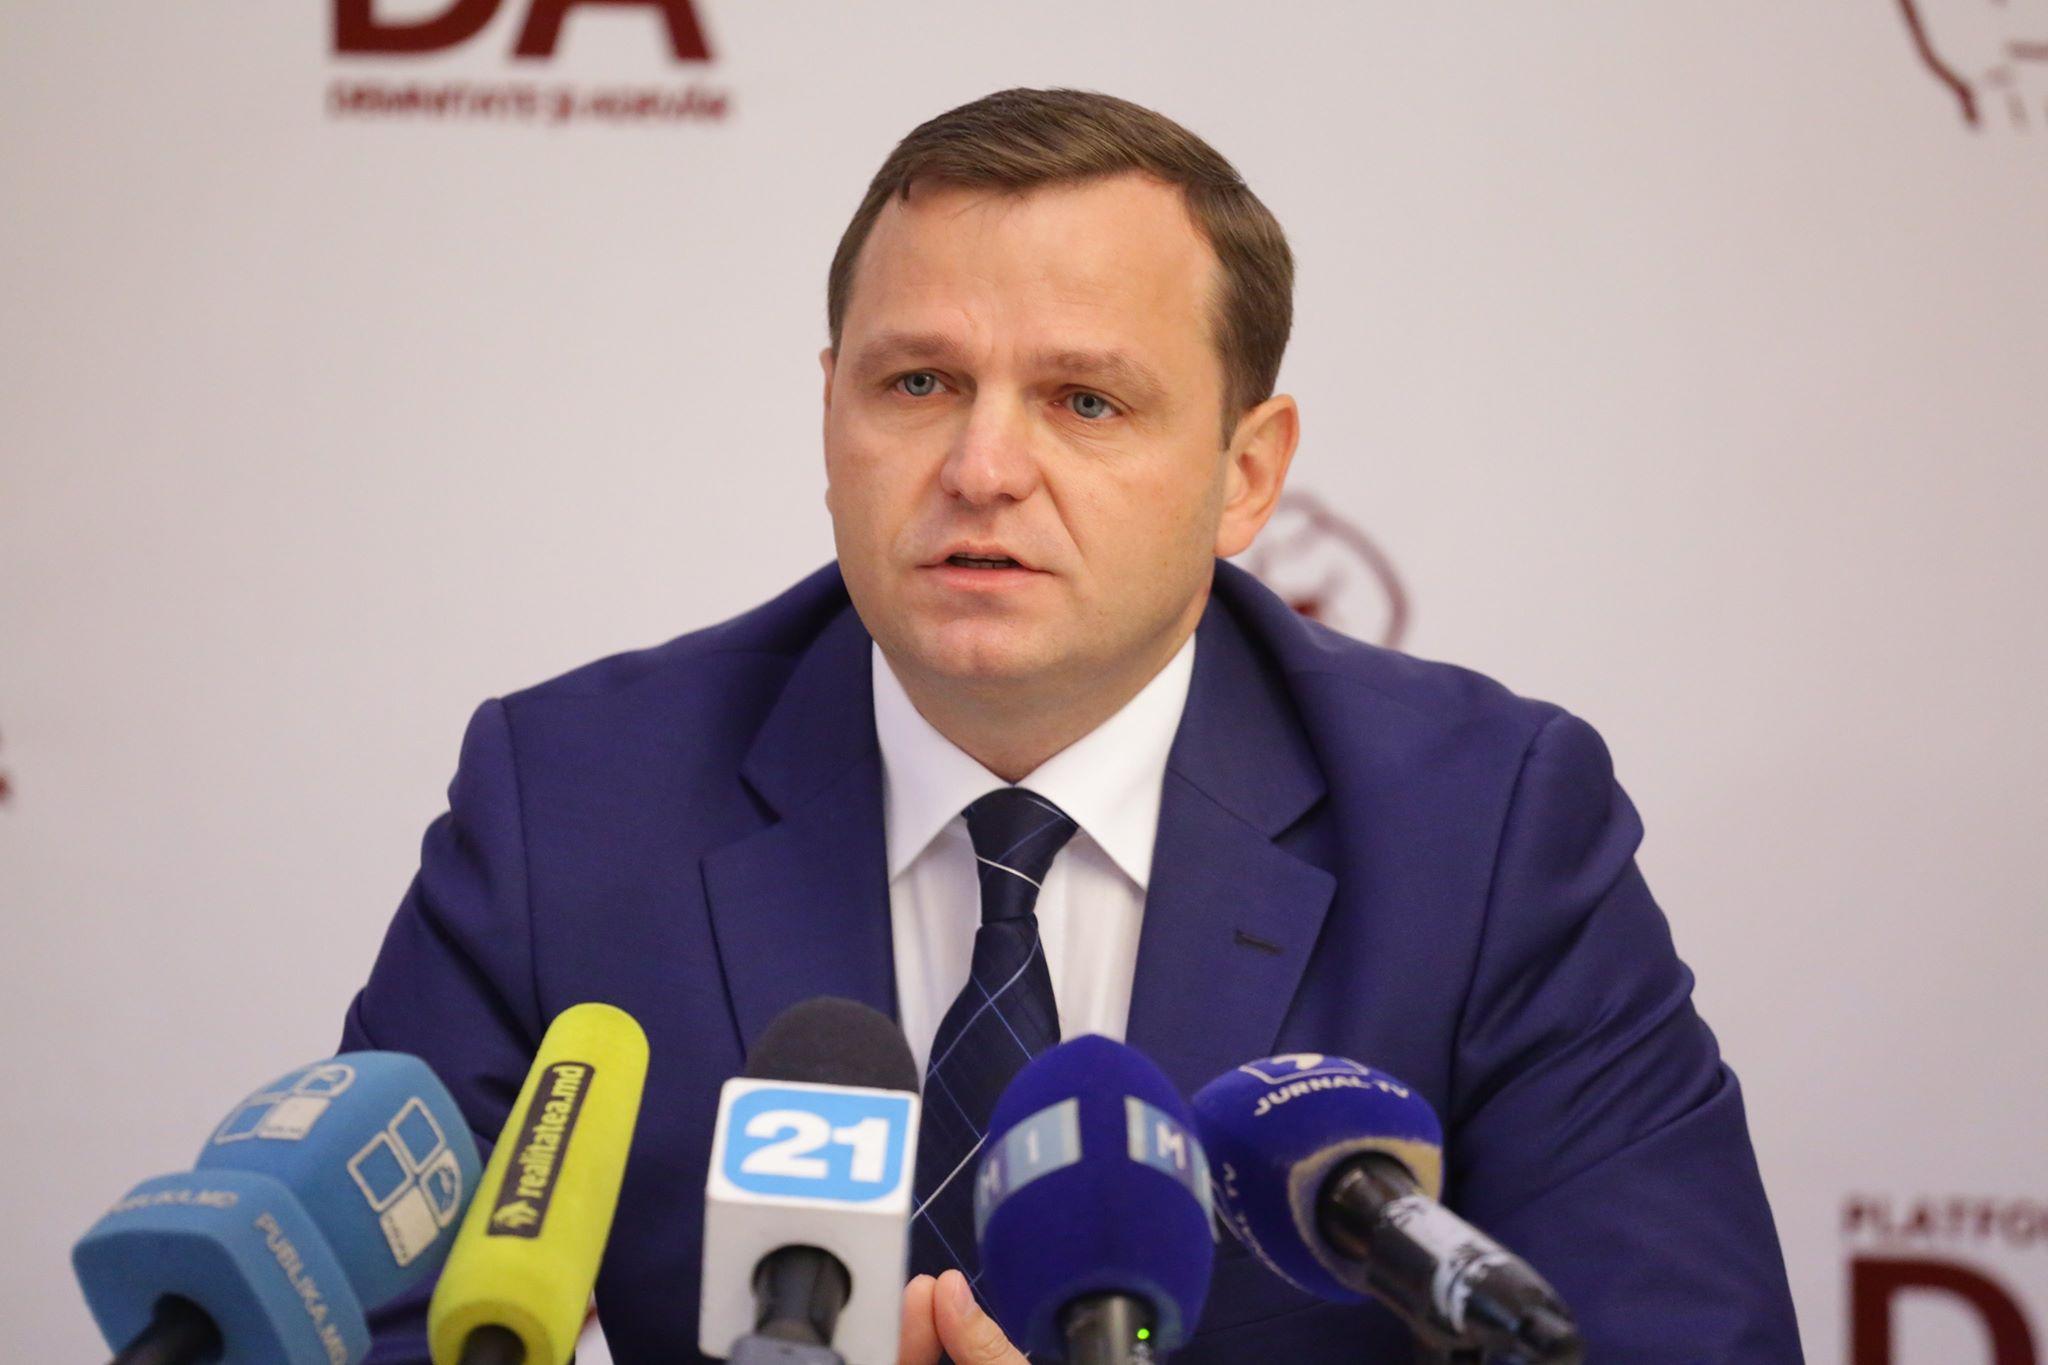 """Andrei Năstase: """"O țară paralizată de CORUPȚIE este o țară fără viitor! Iar Moldova atât de dragă nouă trebuie să aibă viitor!"""""""